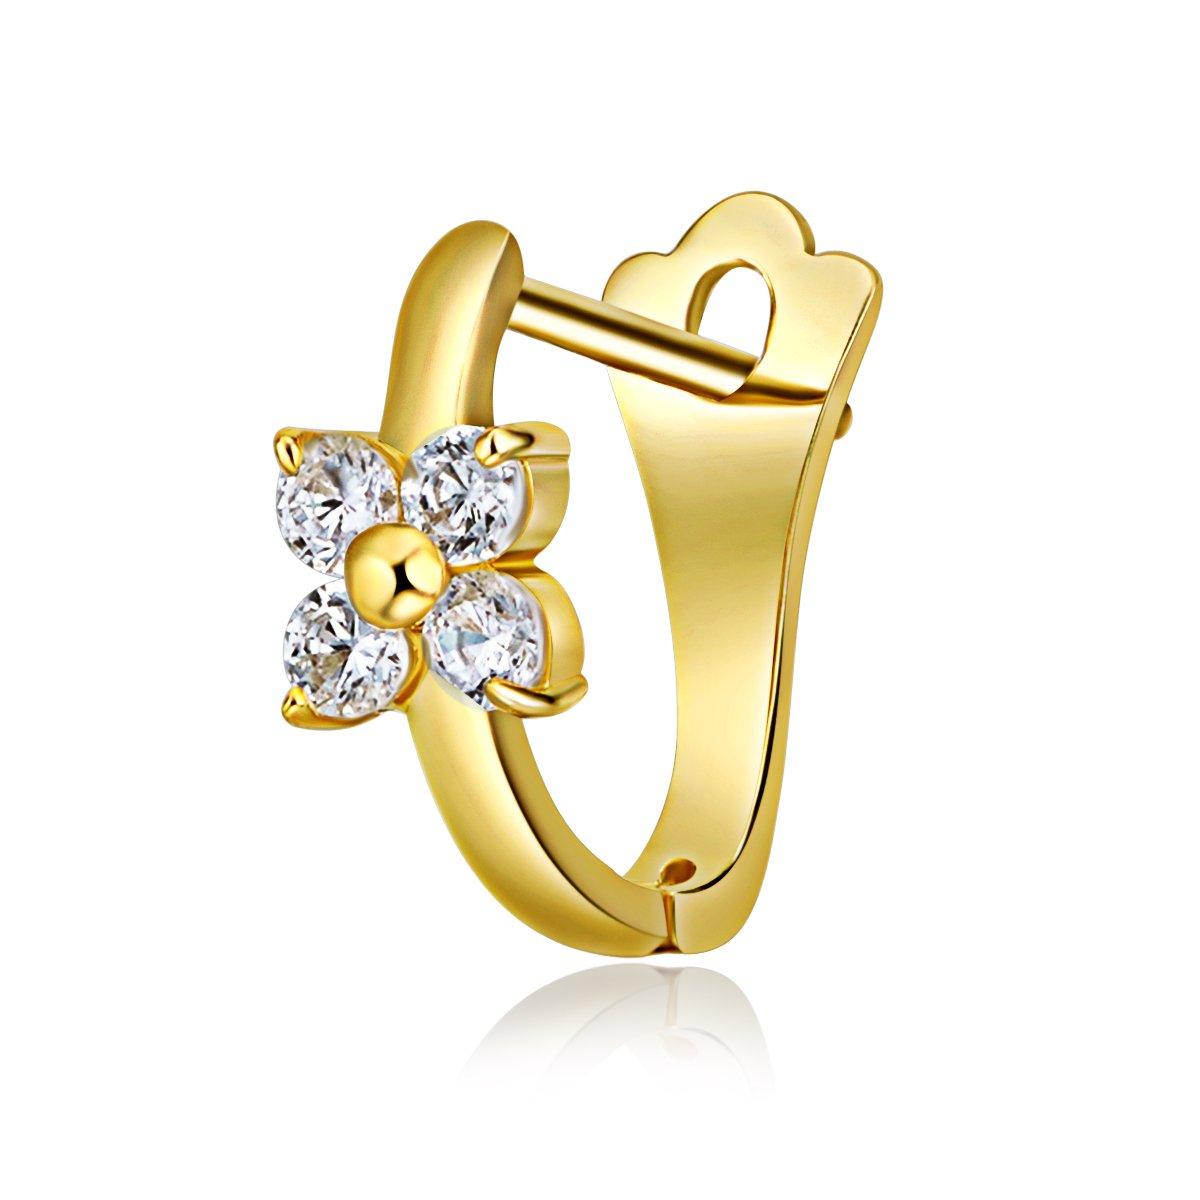 14k Yellow Gold Flower CZ Huggie Earrings 12 x 13 mm